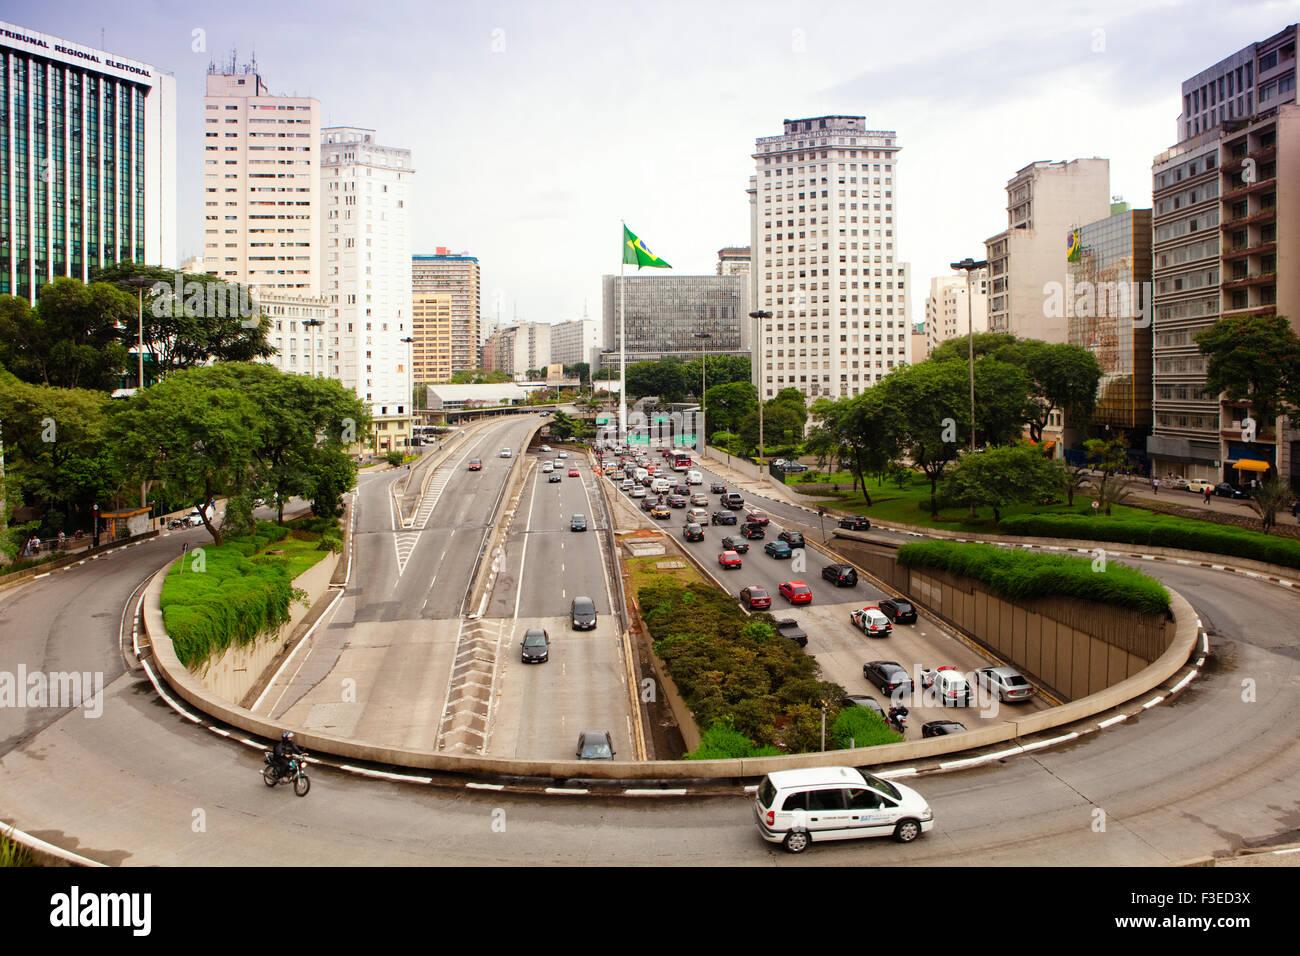 Avenida 23 de Maio and 9 de Julho from the Viaduto de Cha in central Sao Paulo Stock Photo